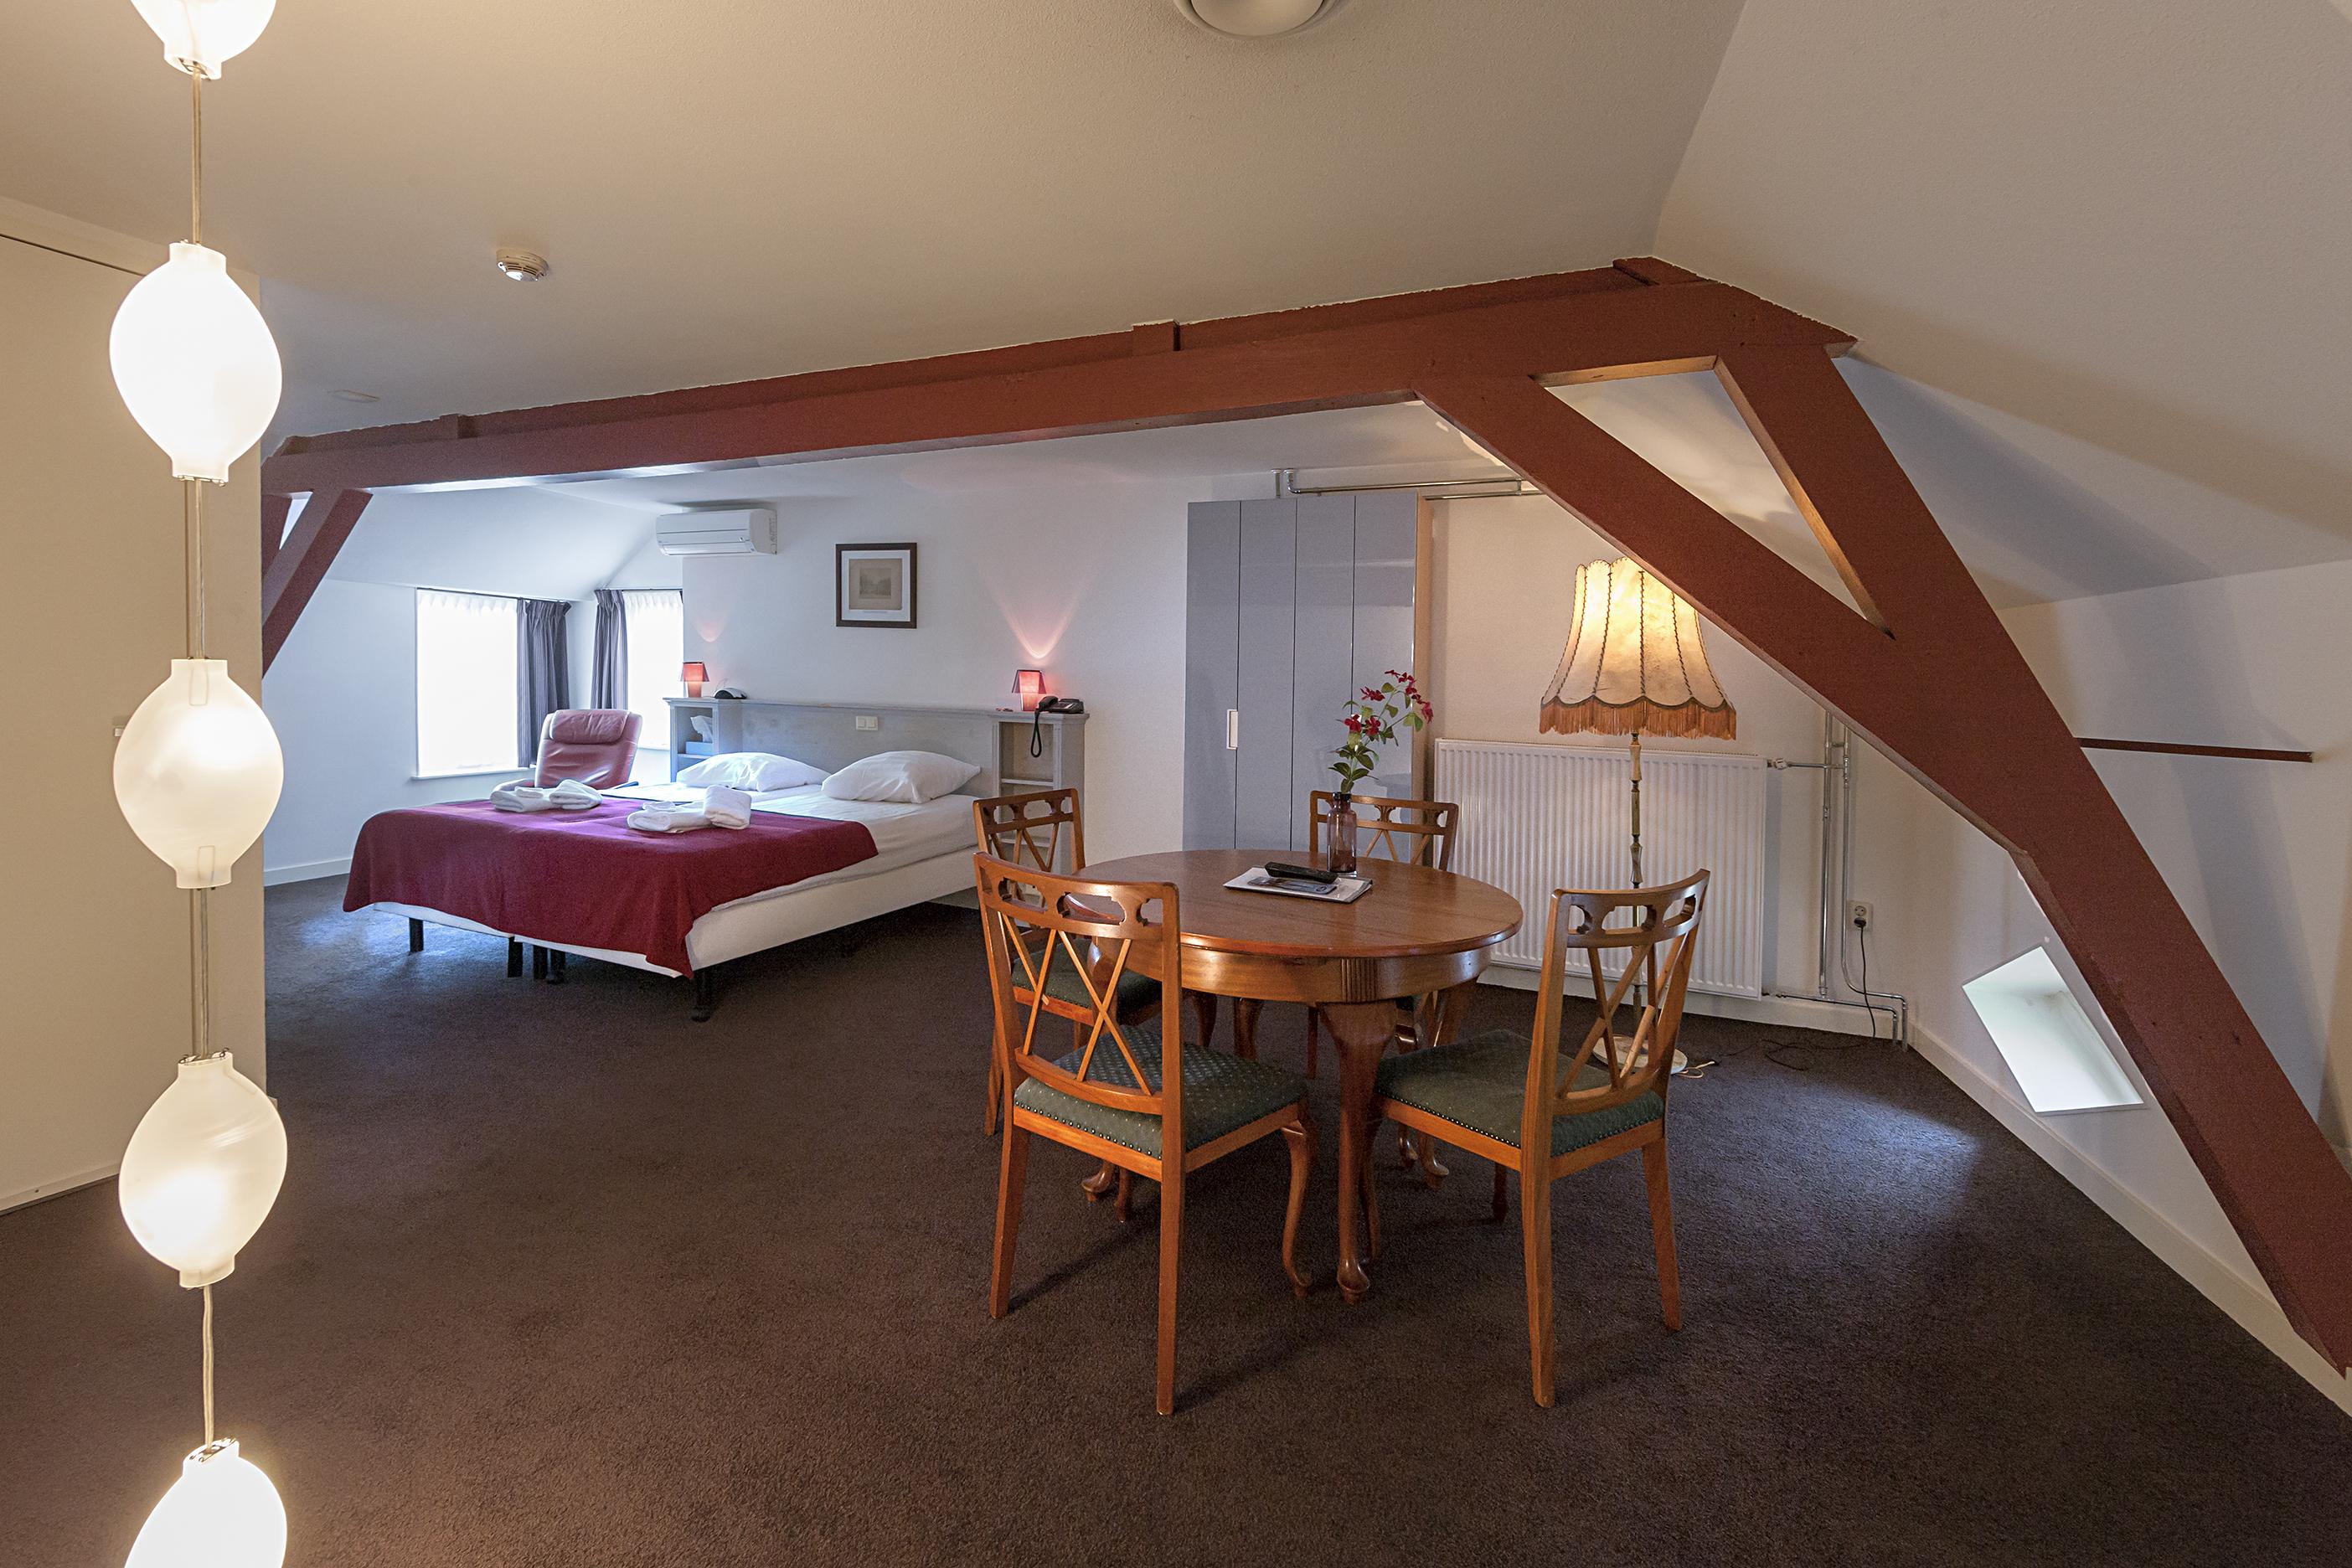 Hotel de Gaaper Amersfoort tweepersoons kamer